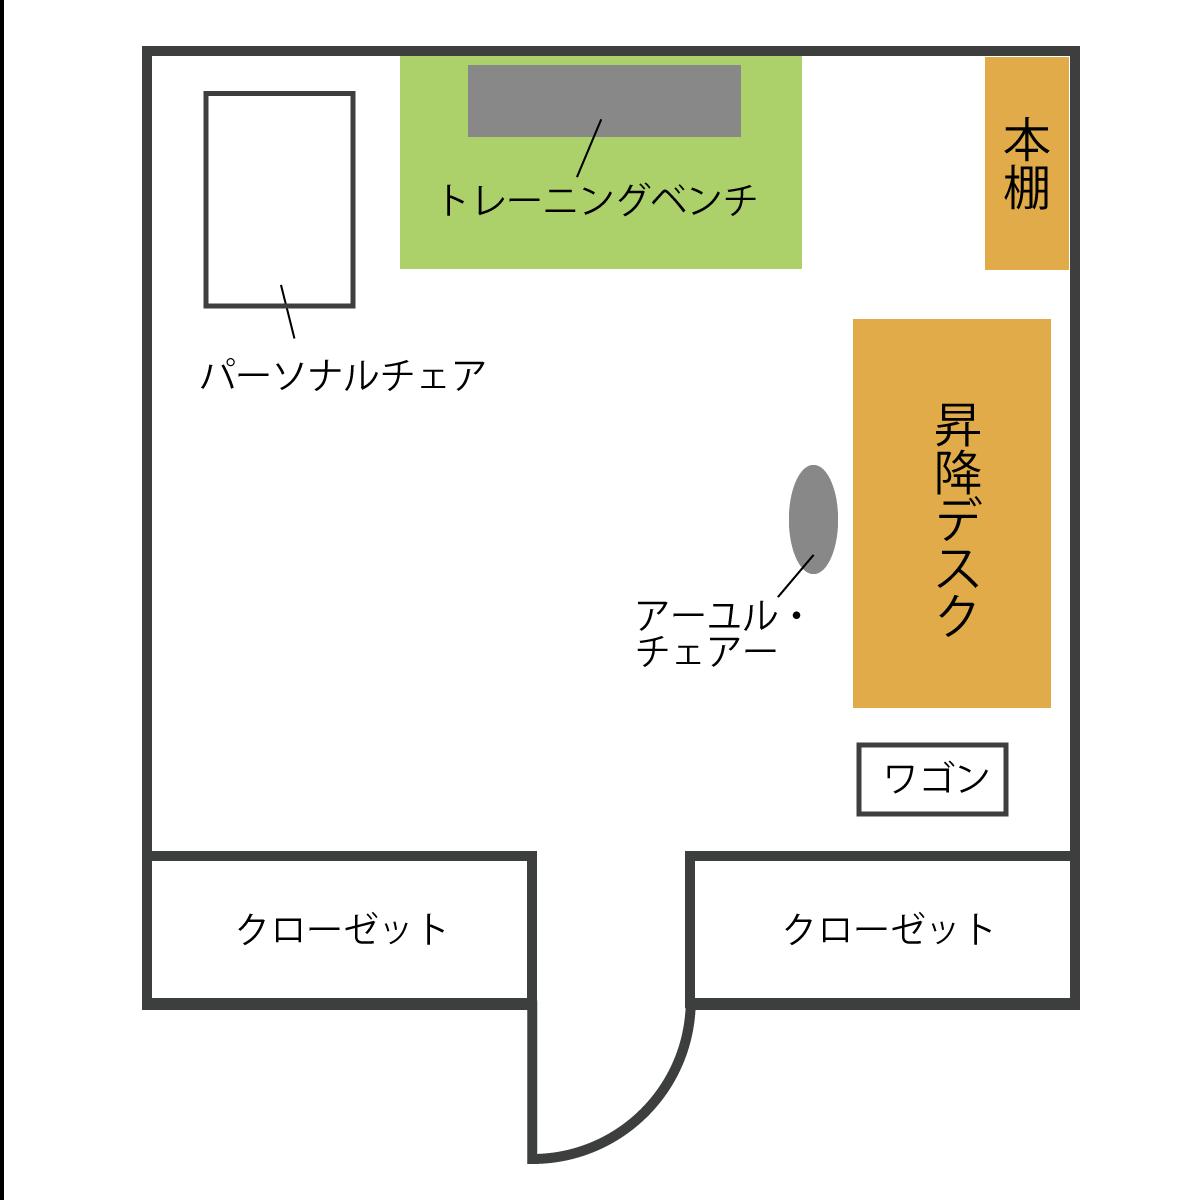 f:id:kondoyuko:20210725151118p:plain